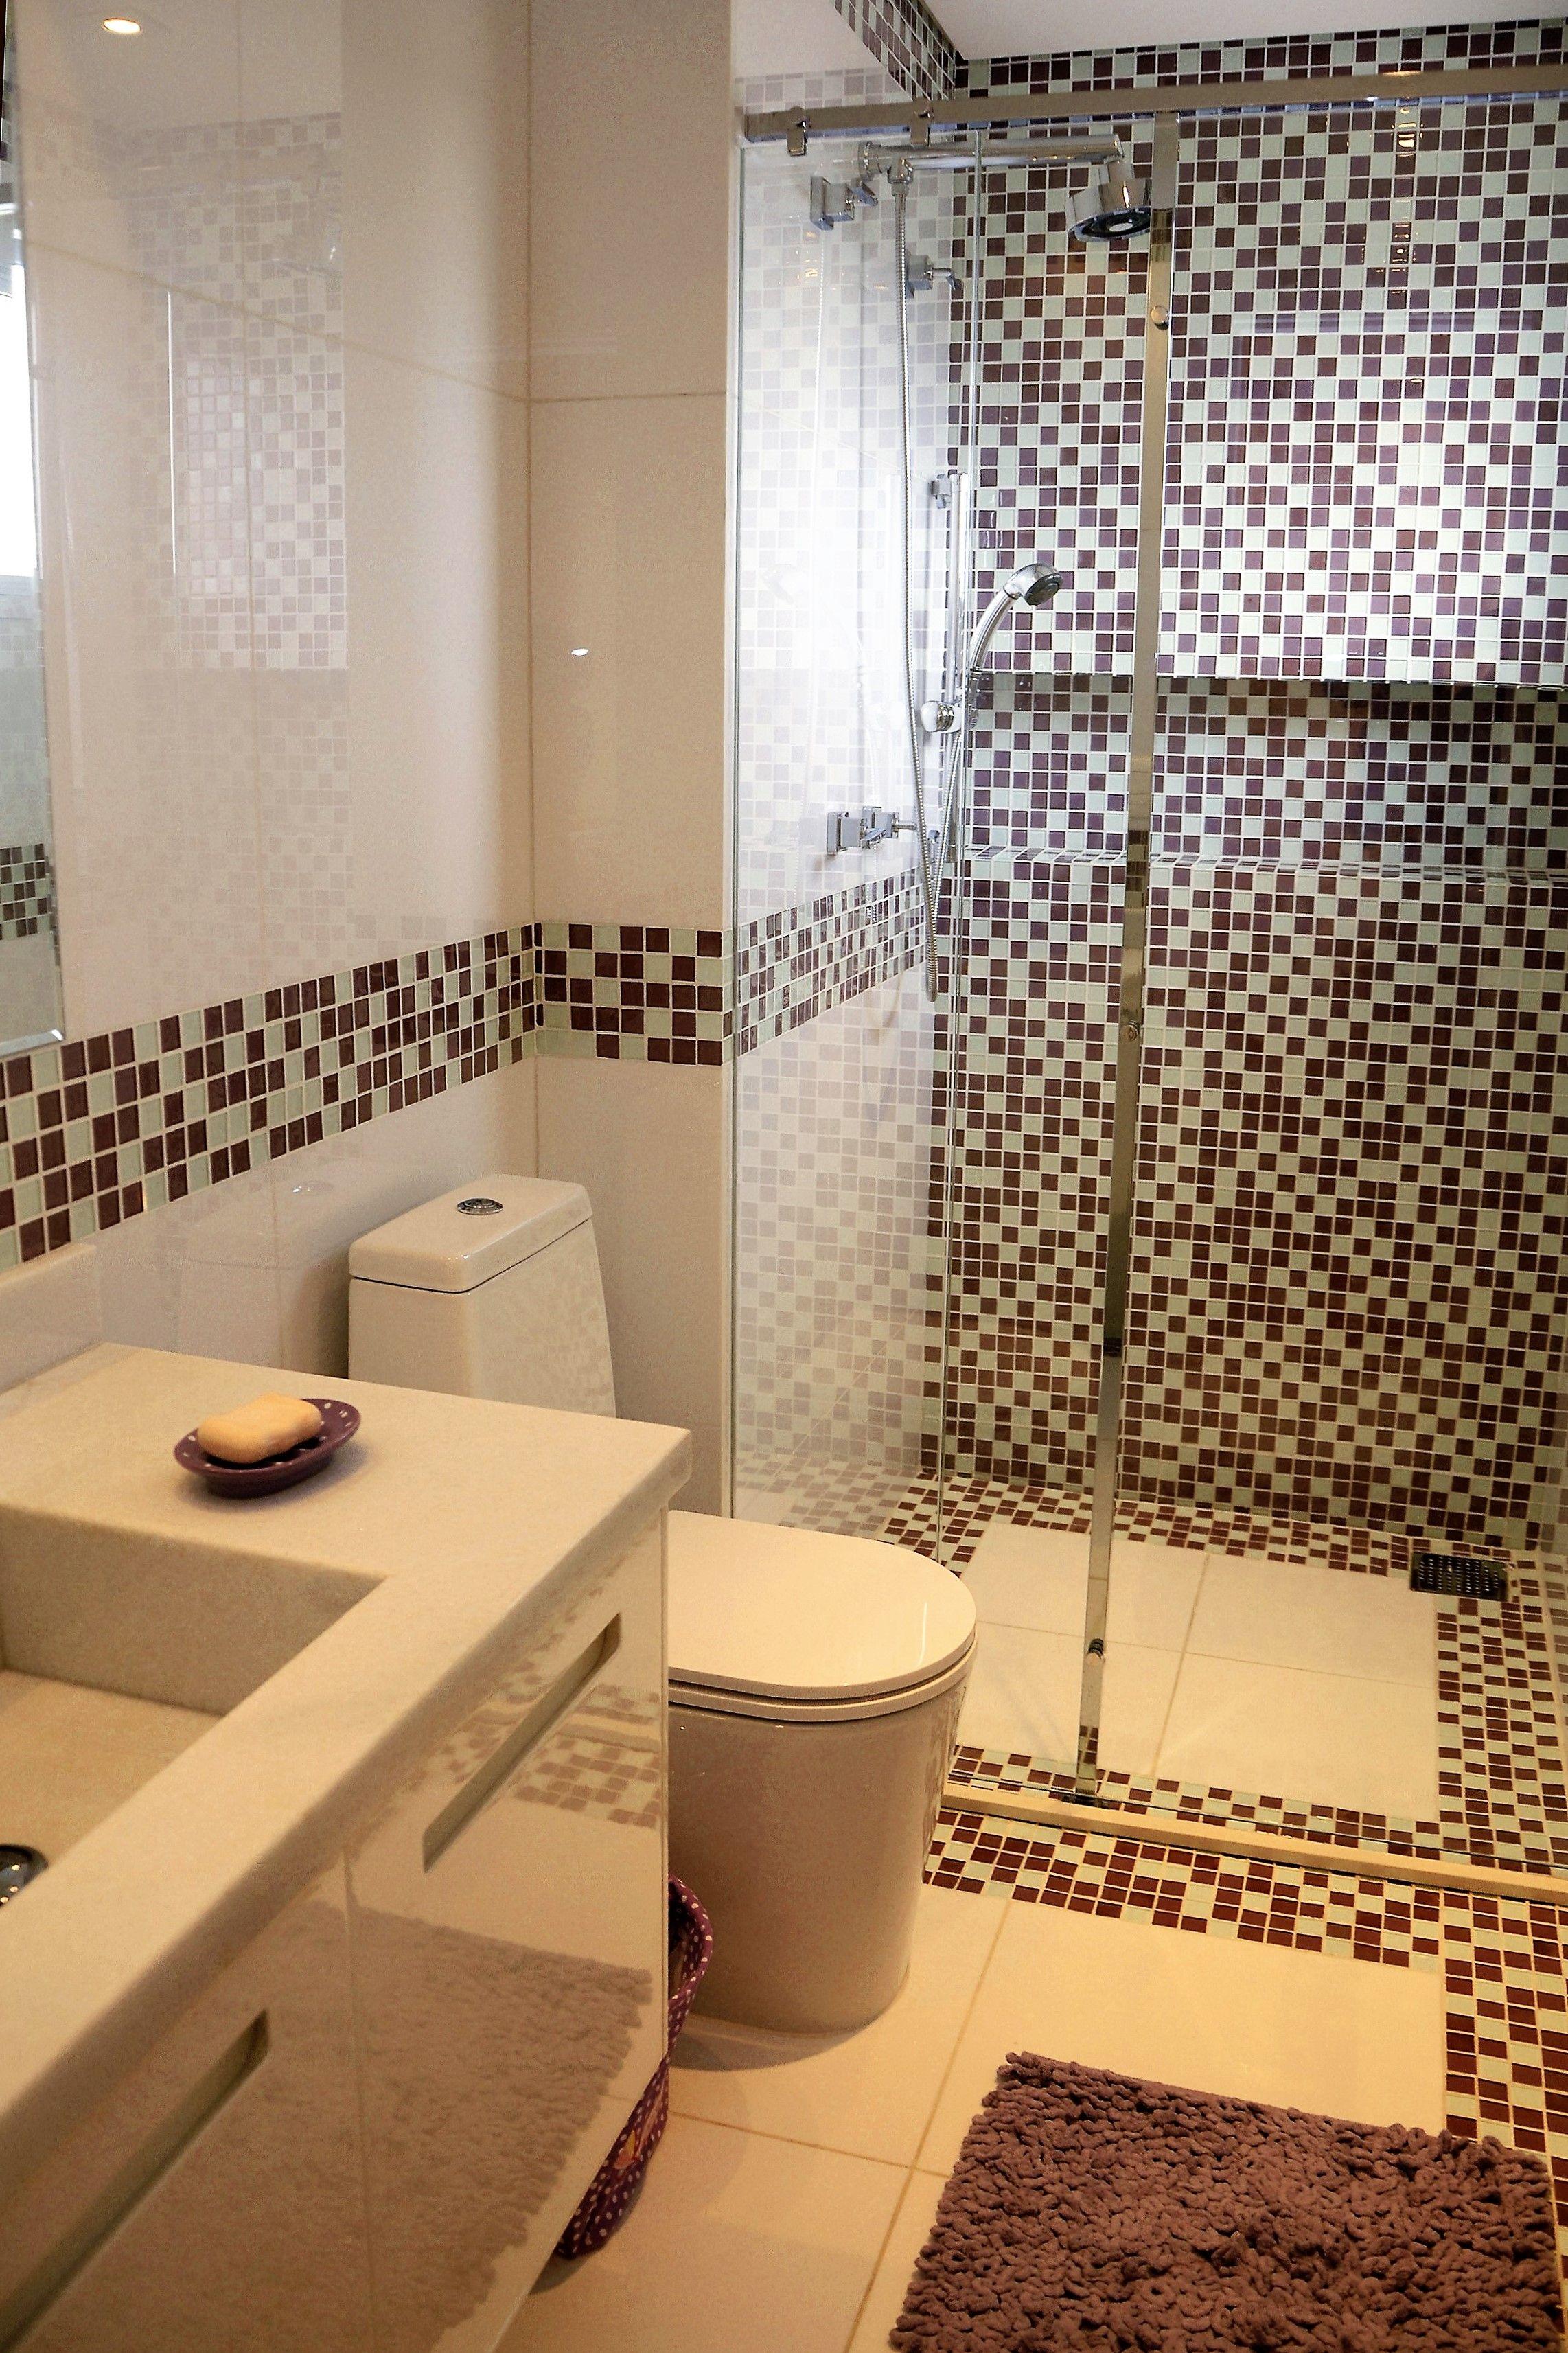 Banheiro infantil decorado em tons de rosa antigo Pastilhas de vidro são o d -> Nicho Banheiro Infantil